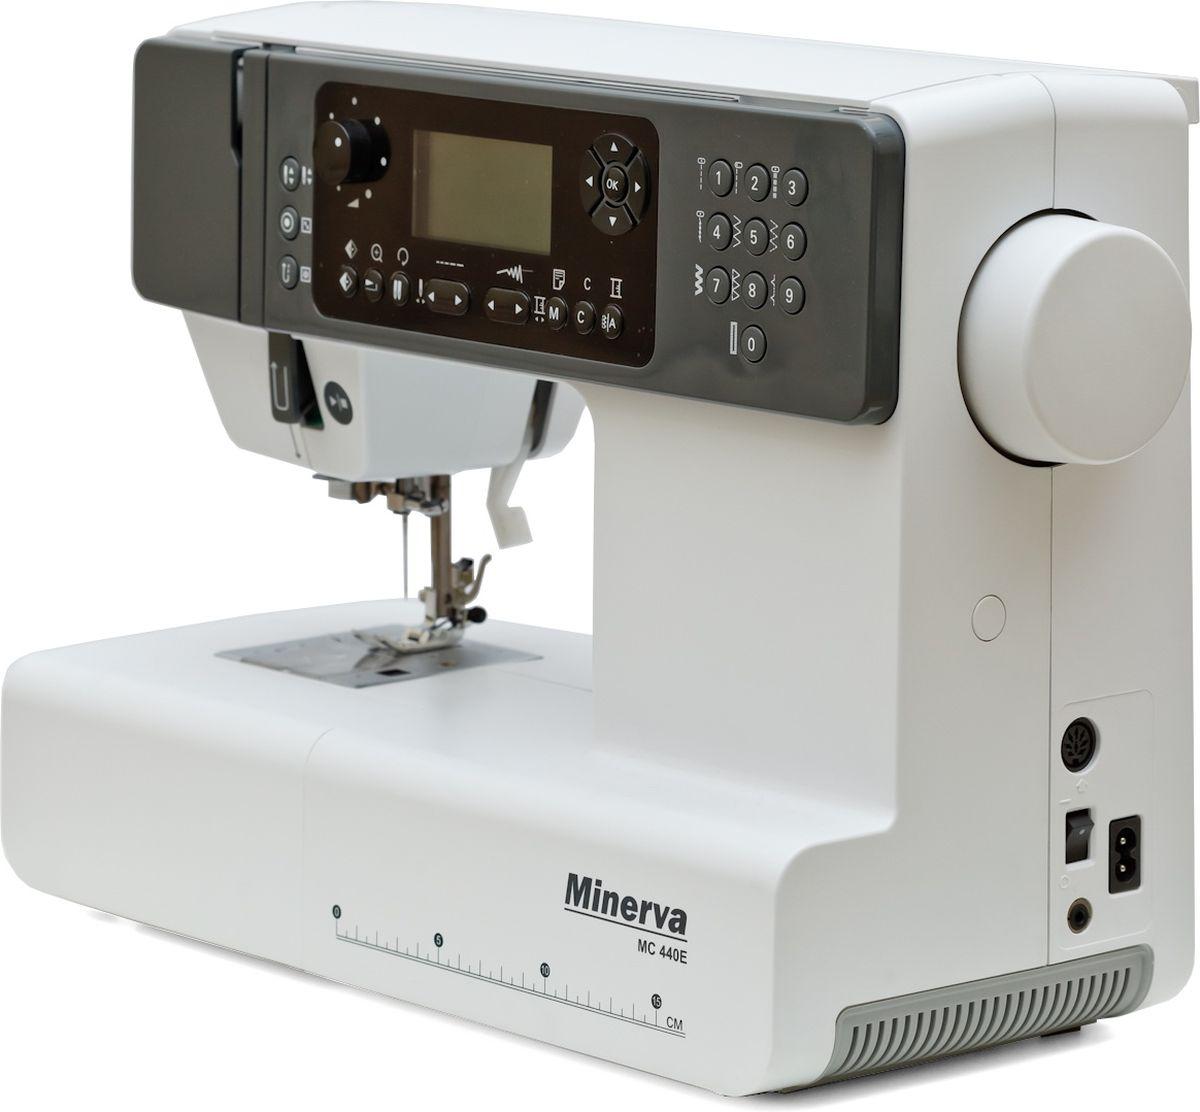 Minerva MC 440E швейная машинаM-MC440EКомпьютеризированная швейно-вышивальная машина Minerva MC 440 E выполняет 404 вида операций (10 видов петель, 40 мотивов вышивки и алфавит). Она имеет удобное меню быстрого выбора строчек, диск регулировки скорости шитья, усиленный нижний транспортер.Модель работает с различными видами тканей – от самых тонких до плотных и толстых материалов. В машине присутствует удобная регулировка натяжения нитей и быстрая замена прижимной лапки за одно нажатие. Максимальное количество стежков для одного дизайна вышивки – 30 000 ст.Технические характеристики швейно-вышивальной машины MINERVA MC440EАнимированный LCD дисплей с подсветкойУдобная панель управления с прямым доступом к регулировке основных параметров строчкиГоризонтальное челночное устройствоФункция увеличения строчкиРегулировка скорости шитьяМеню быстрого выбора строчекРаботает с различными видами тканей - от шелка до тонкой кожиРегулировка натяжения нитейВстроенный нитеобрезатель (Боковой нож)Автоматический нитевдевательДвухуровневый рычаг подъема прижимной лапкиБыстрая замена прижимной лапки Съемная рукавная консольРегулятор давления лапки на тканьВозможность работы без педалиАвтоматическое переключение на холостой ход при намотке на шпулькуПодсветка рабочей зоныВозможности: Возможность соединения c компьютером через USB устройствоЗеркальное отображение образца вышивкиАлфавитФункция поворота/увеличения образца вышивки (80-120%)Автоматическое определение границ и размеров вышивкиМаксимальный размер вышивки: 110х170 мм.Работа двойной иглой